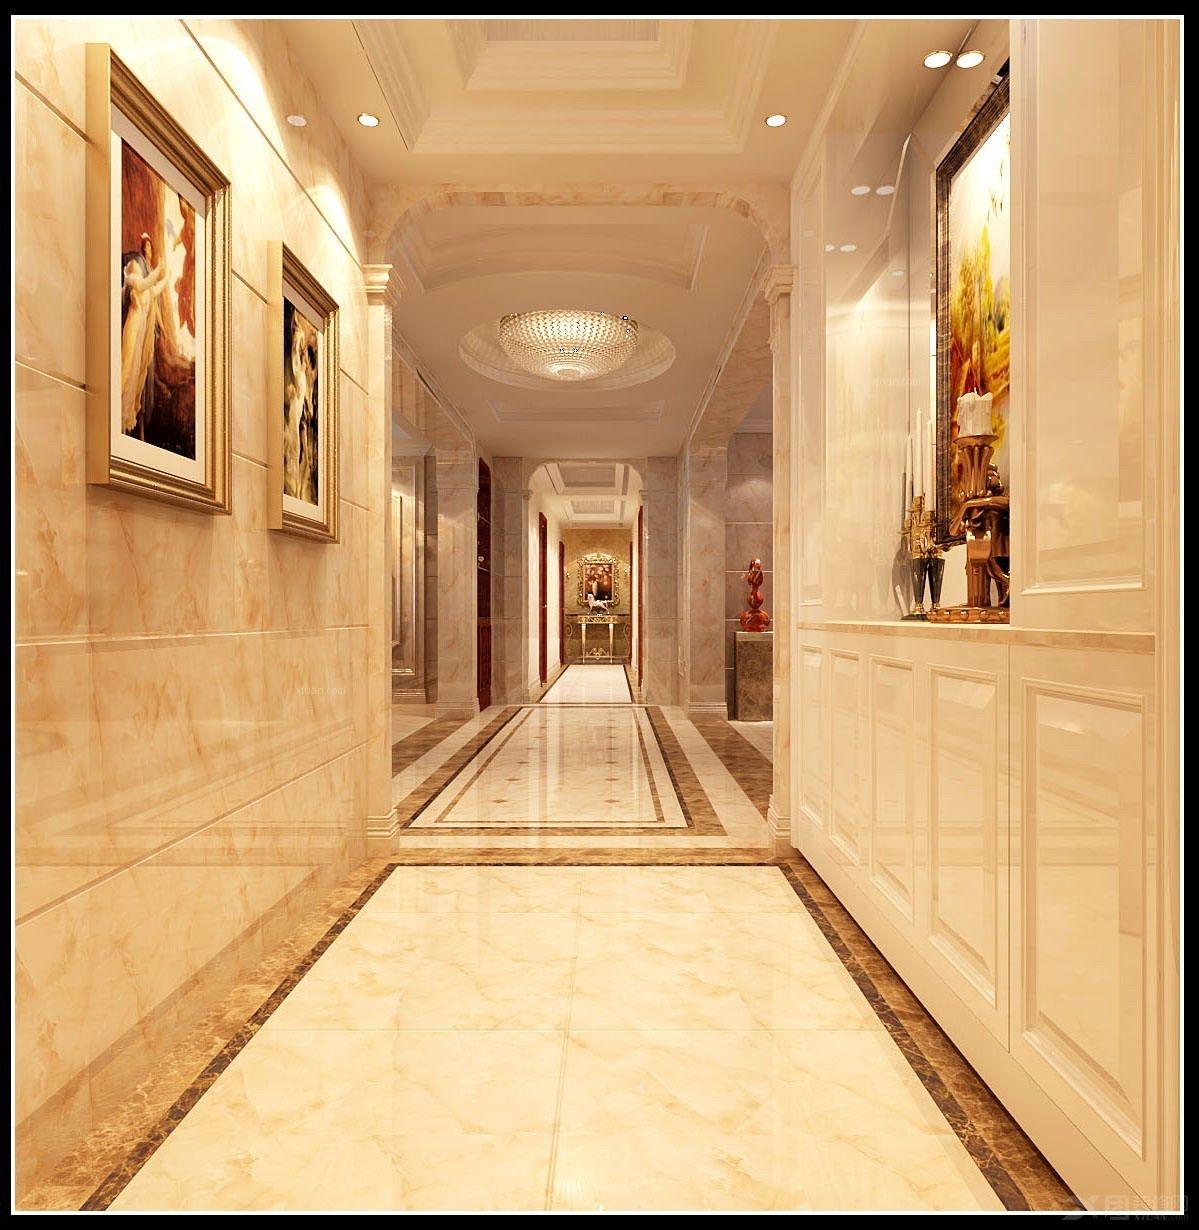 灯装修效果图  户型:大户型 房间:过道 风格:简欧风格 装修类型:家装图片